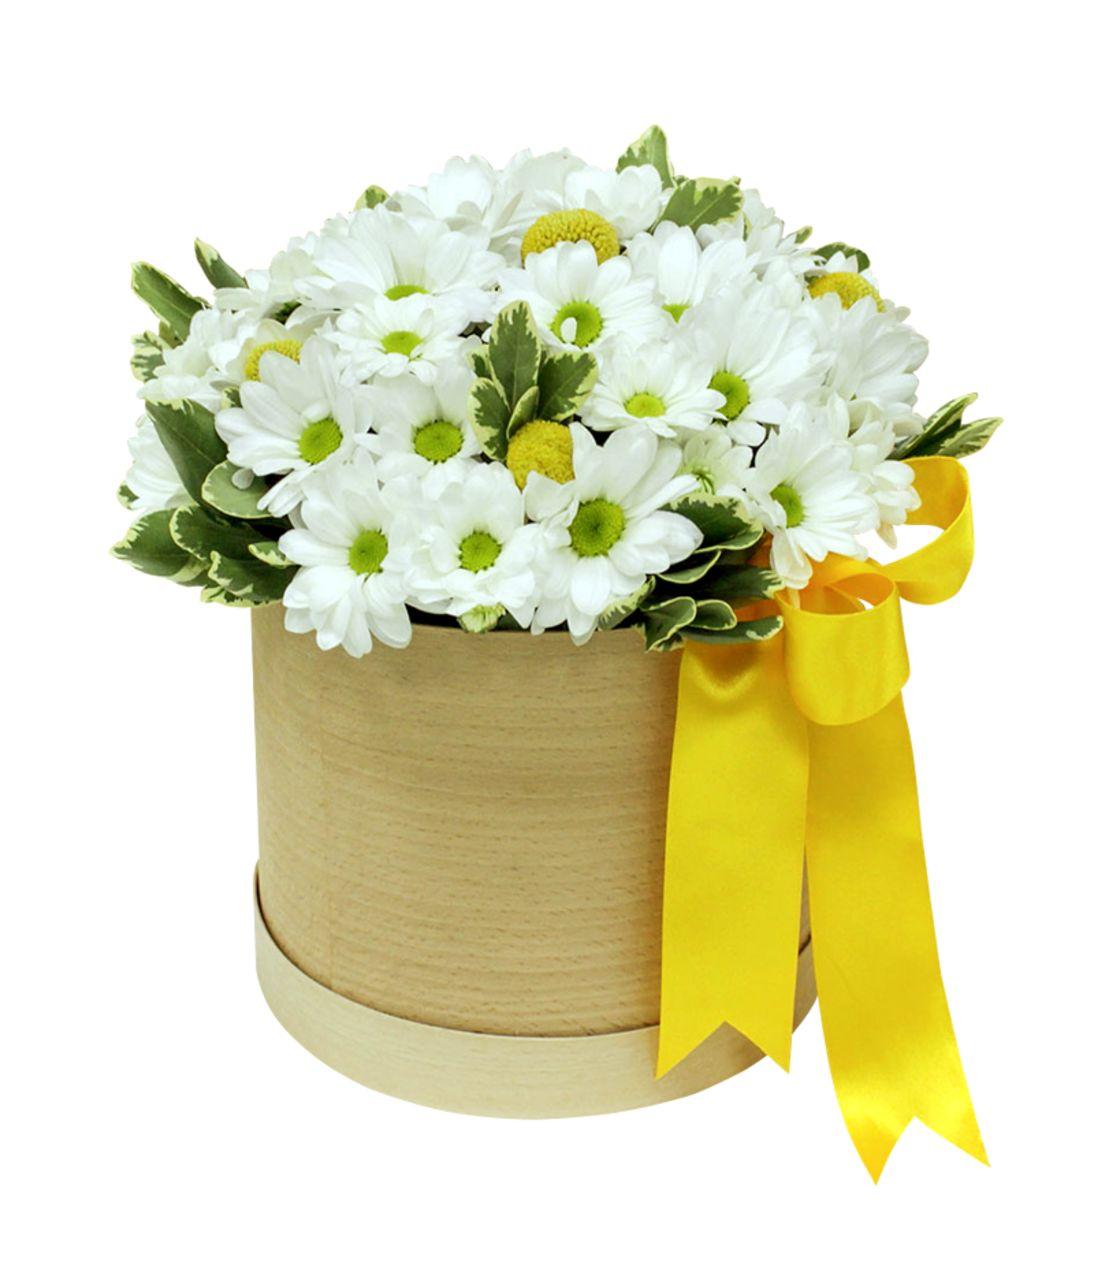 Хет коробка з хризантемами. superflowers.com.ua. Купити букет білих хризантем в шляпній коробці